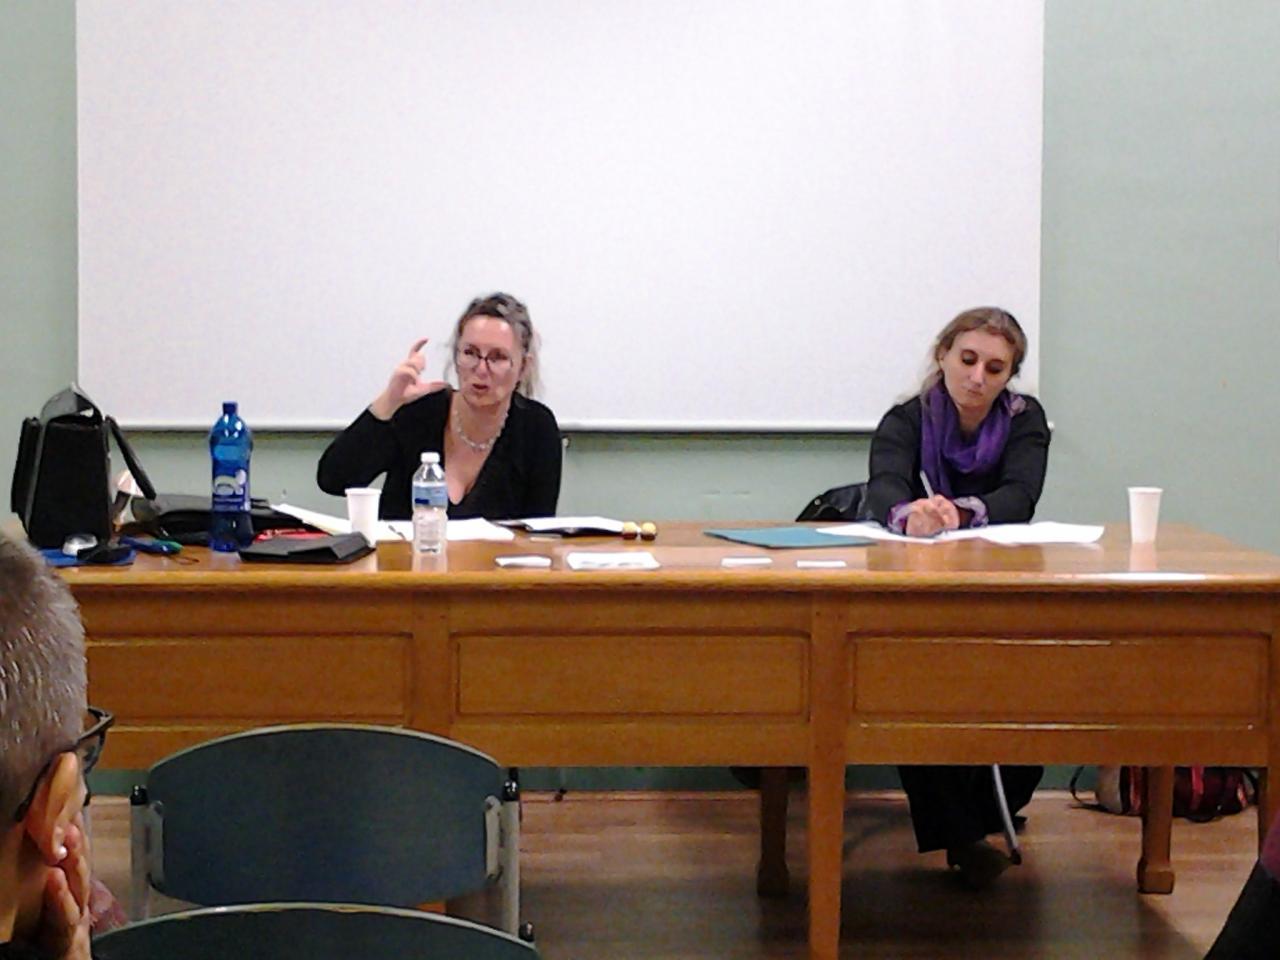 Un débat interactif avec la salle.